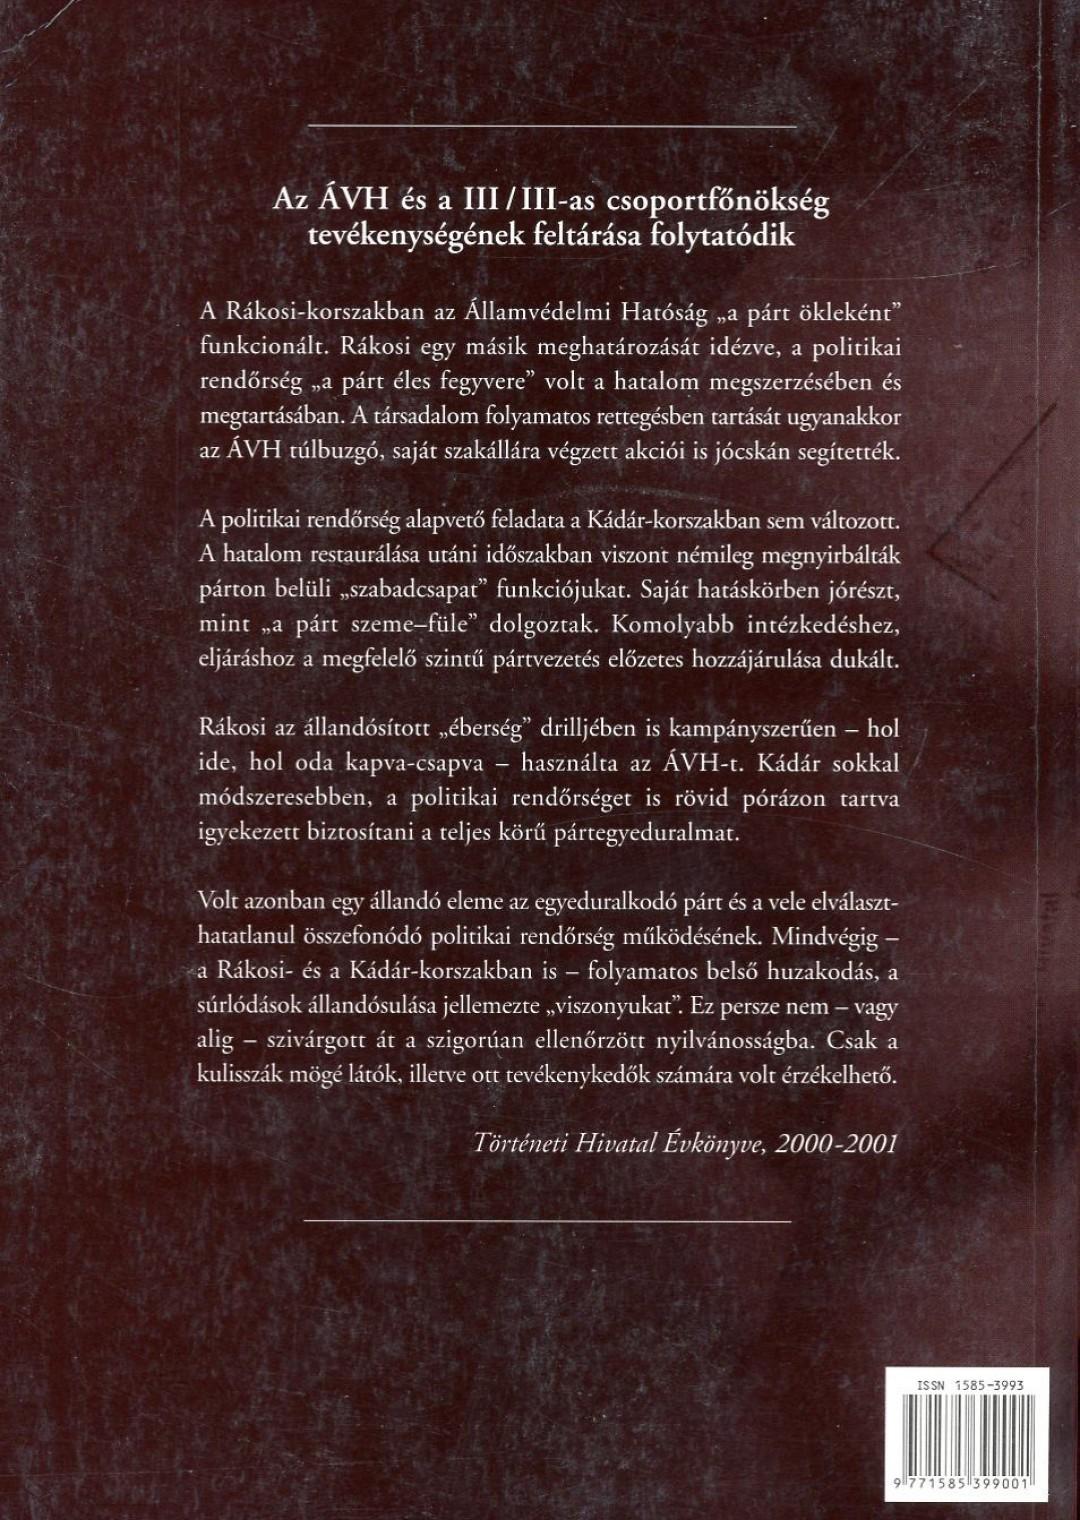 A Történeti Hivatal évkönyve 2000-2001